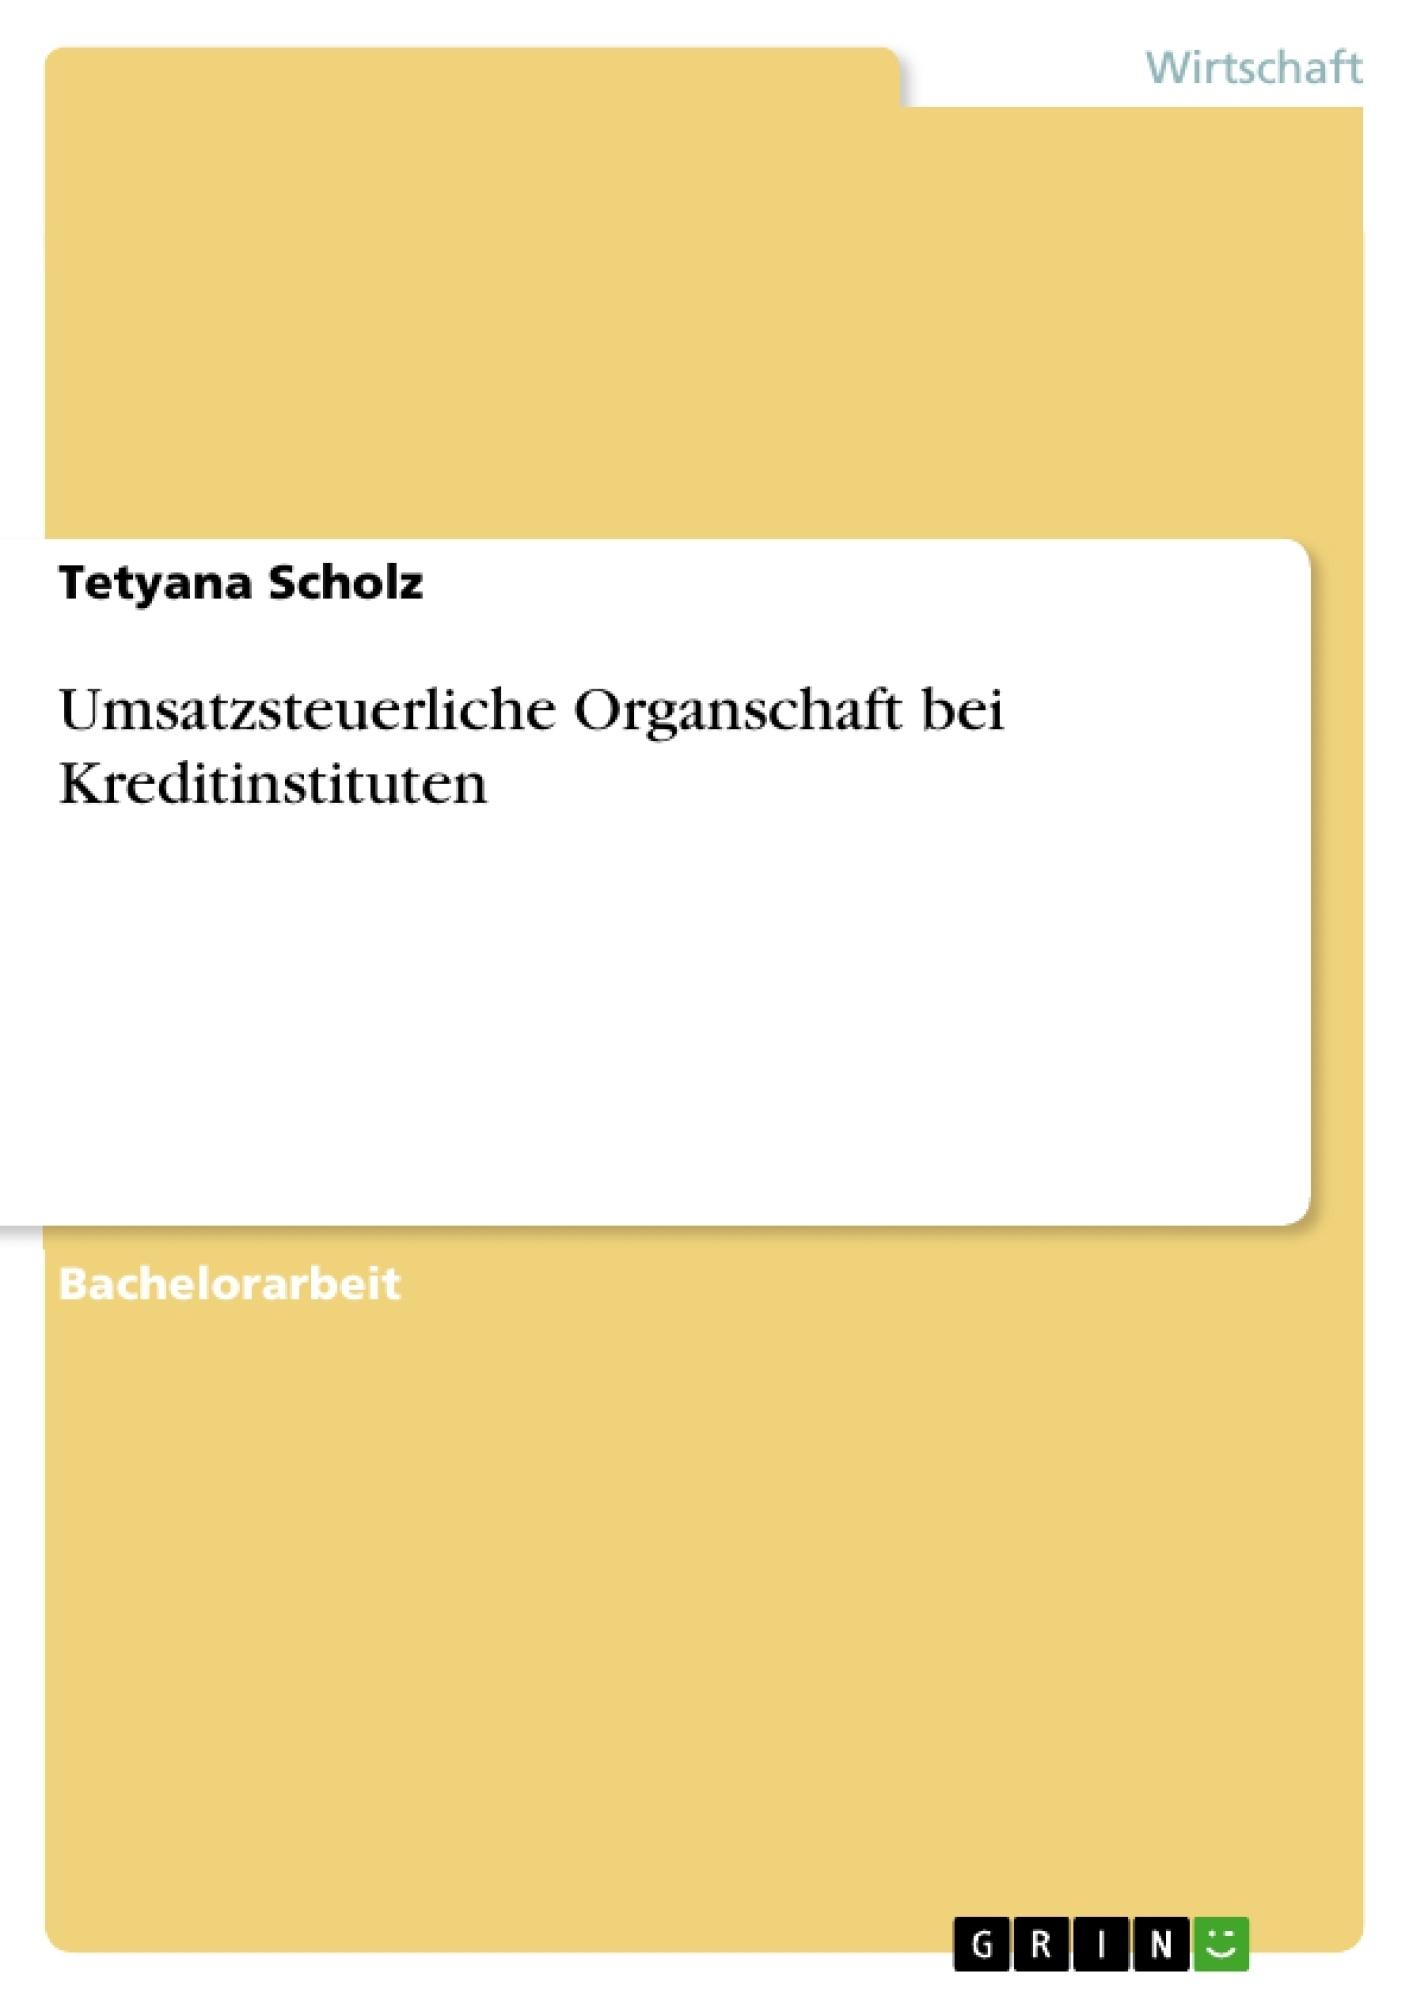 Titel: Umsatzsteuerliche Organschaft bei Kreditinstituten